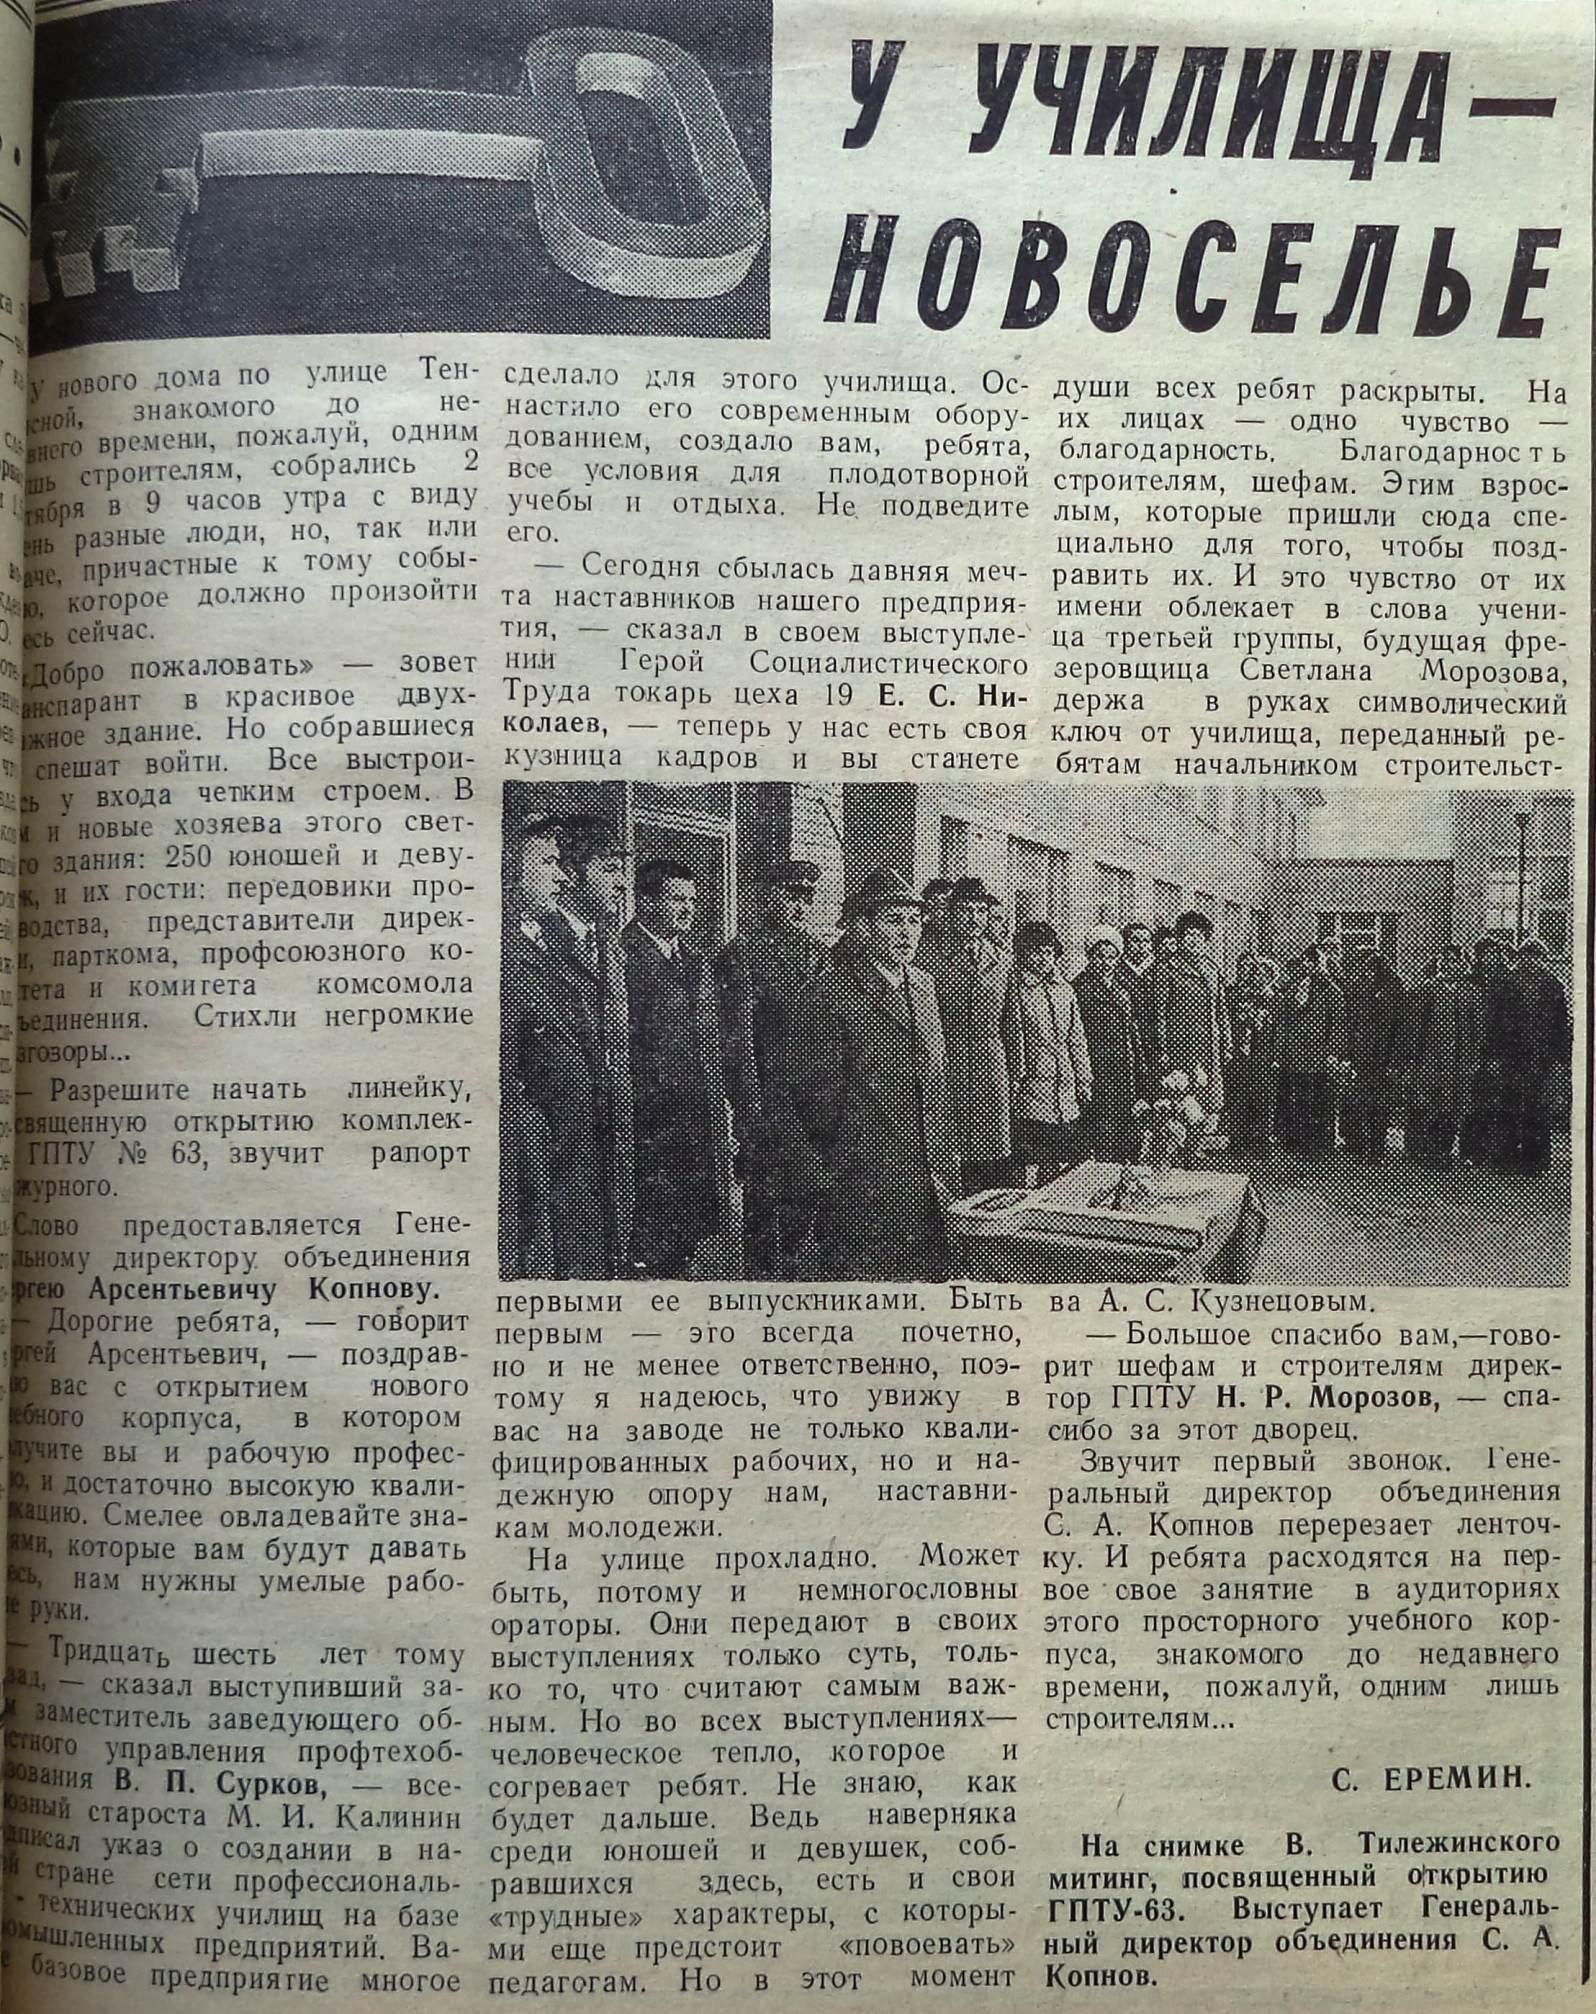 Теннисная-ФОТО-27-Передовик-1976-6 октября-min